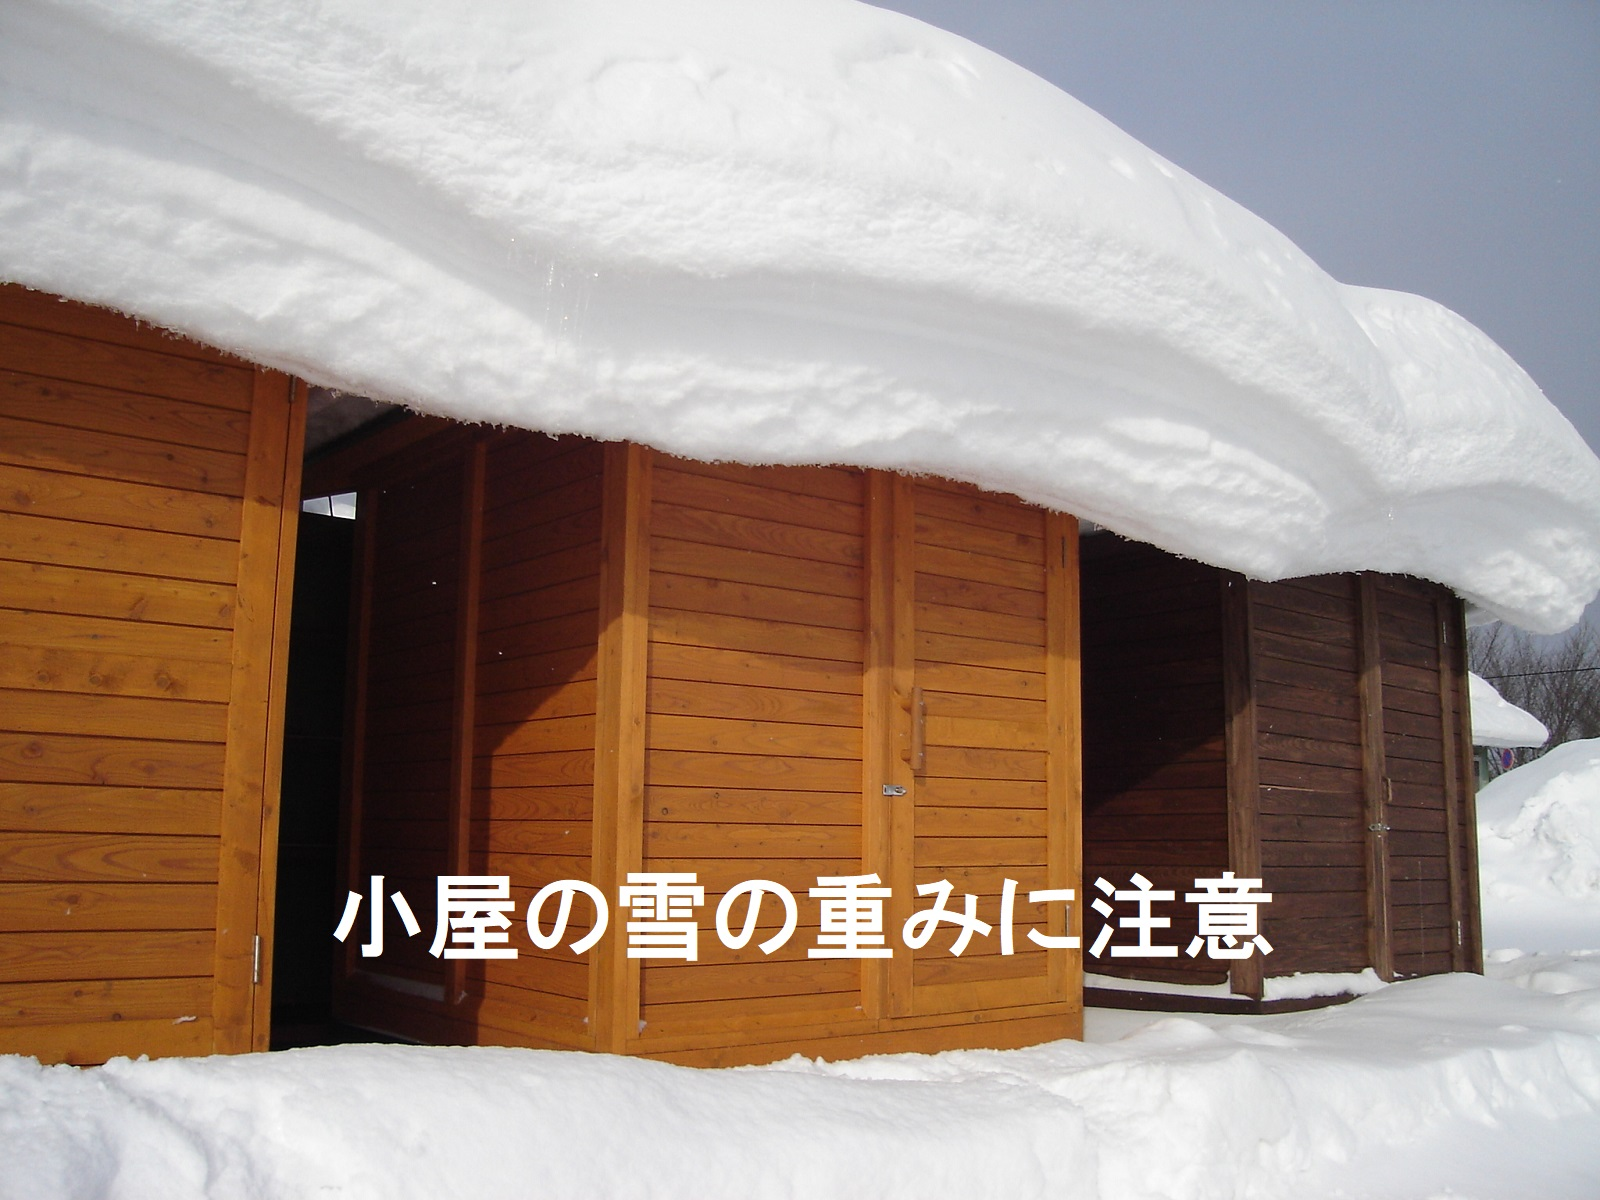 雪の重みは開口部と屋根への伝熱に注意